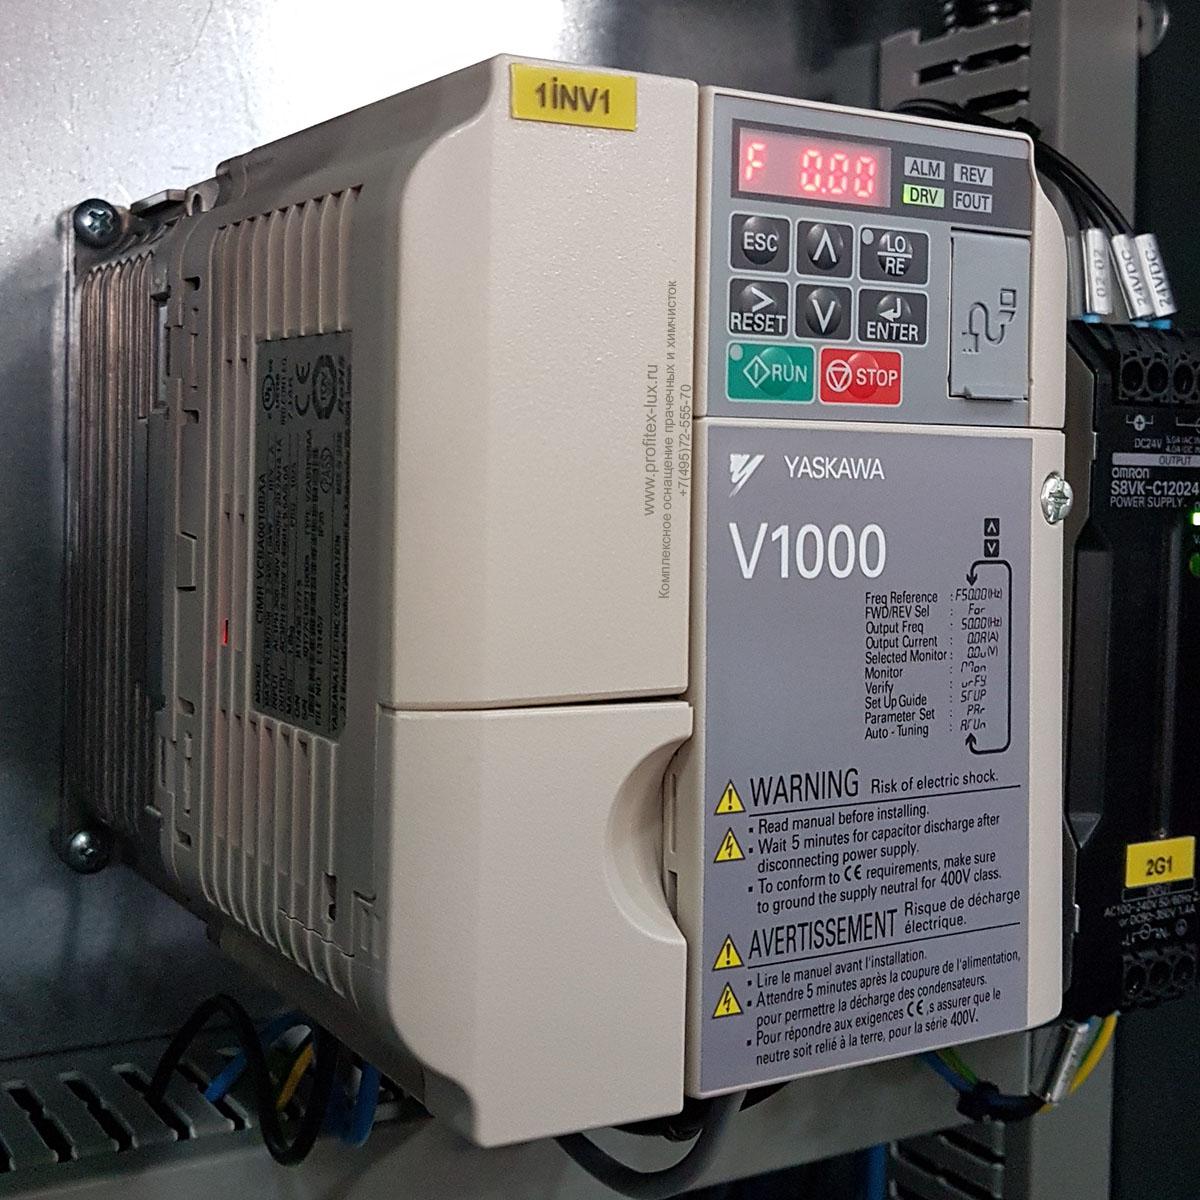 Инвертер произведен в Японии для оборудования Tolon